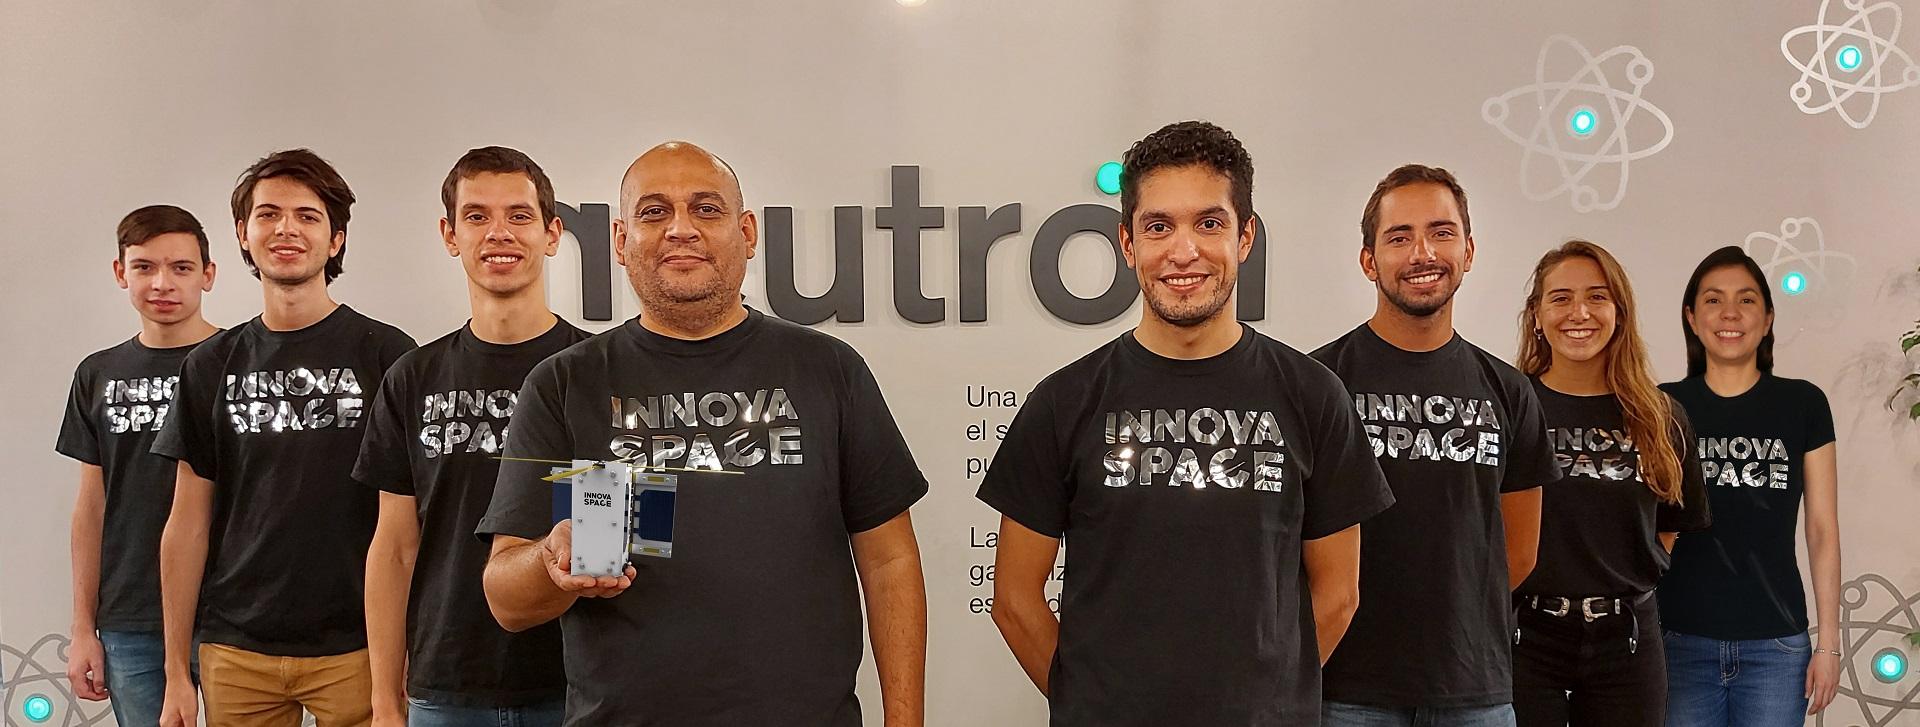 El equipo de Innova Space